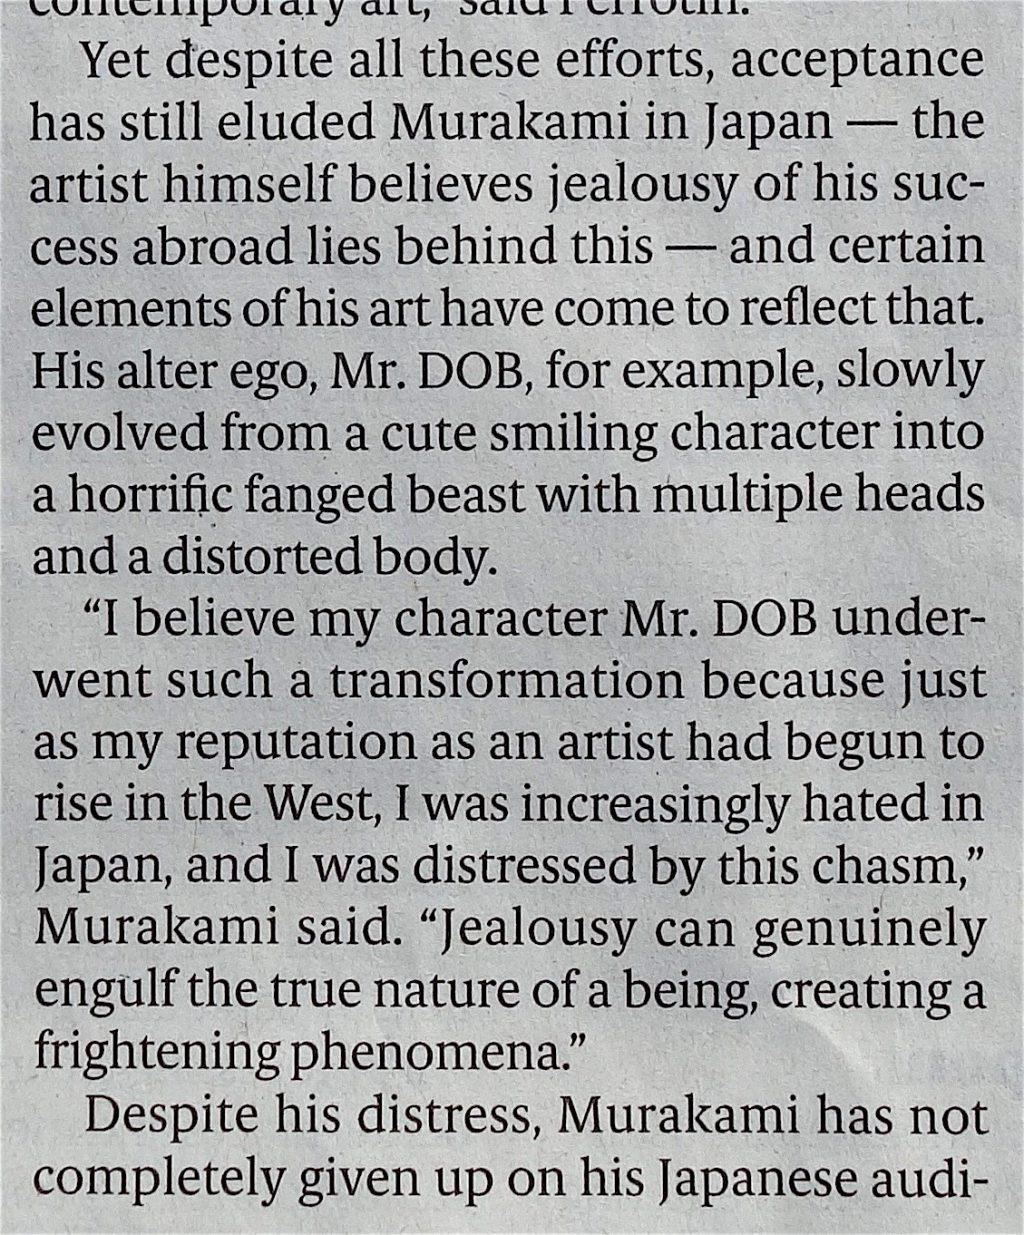 村上隆 MURAKAMI Takashi Japan Times 2019年3月14年, page 3, quote